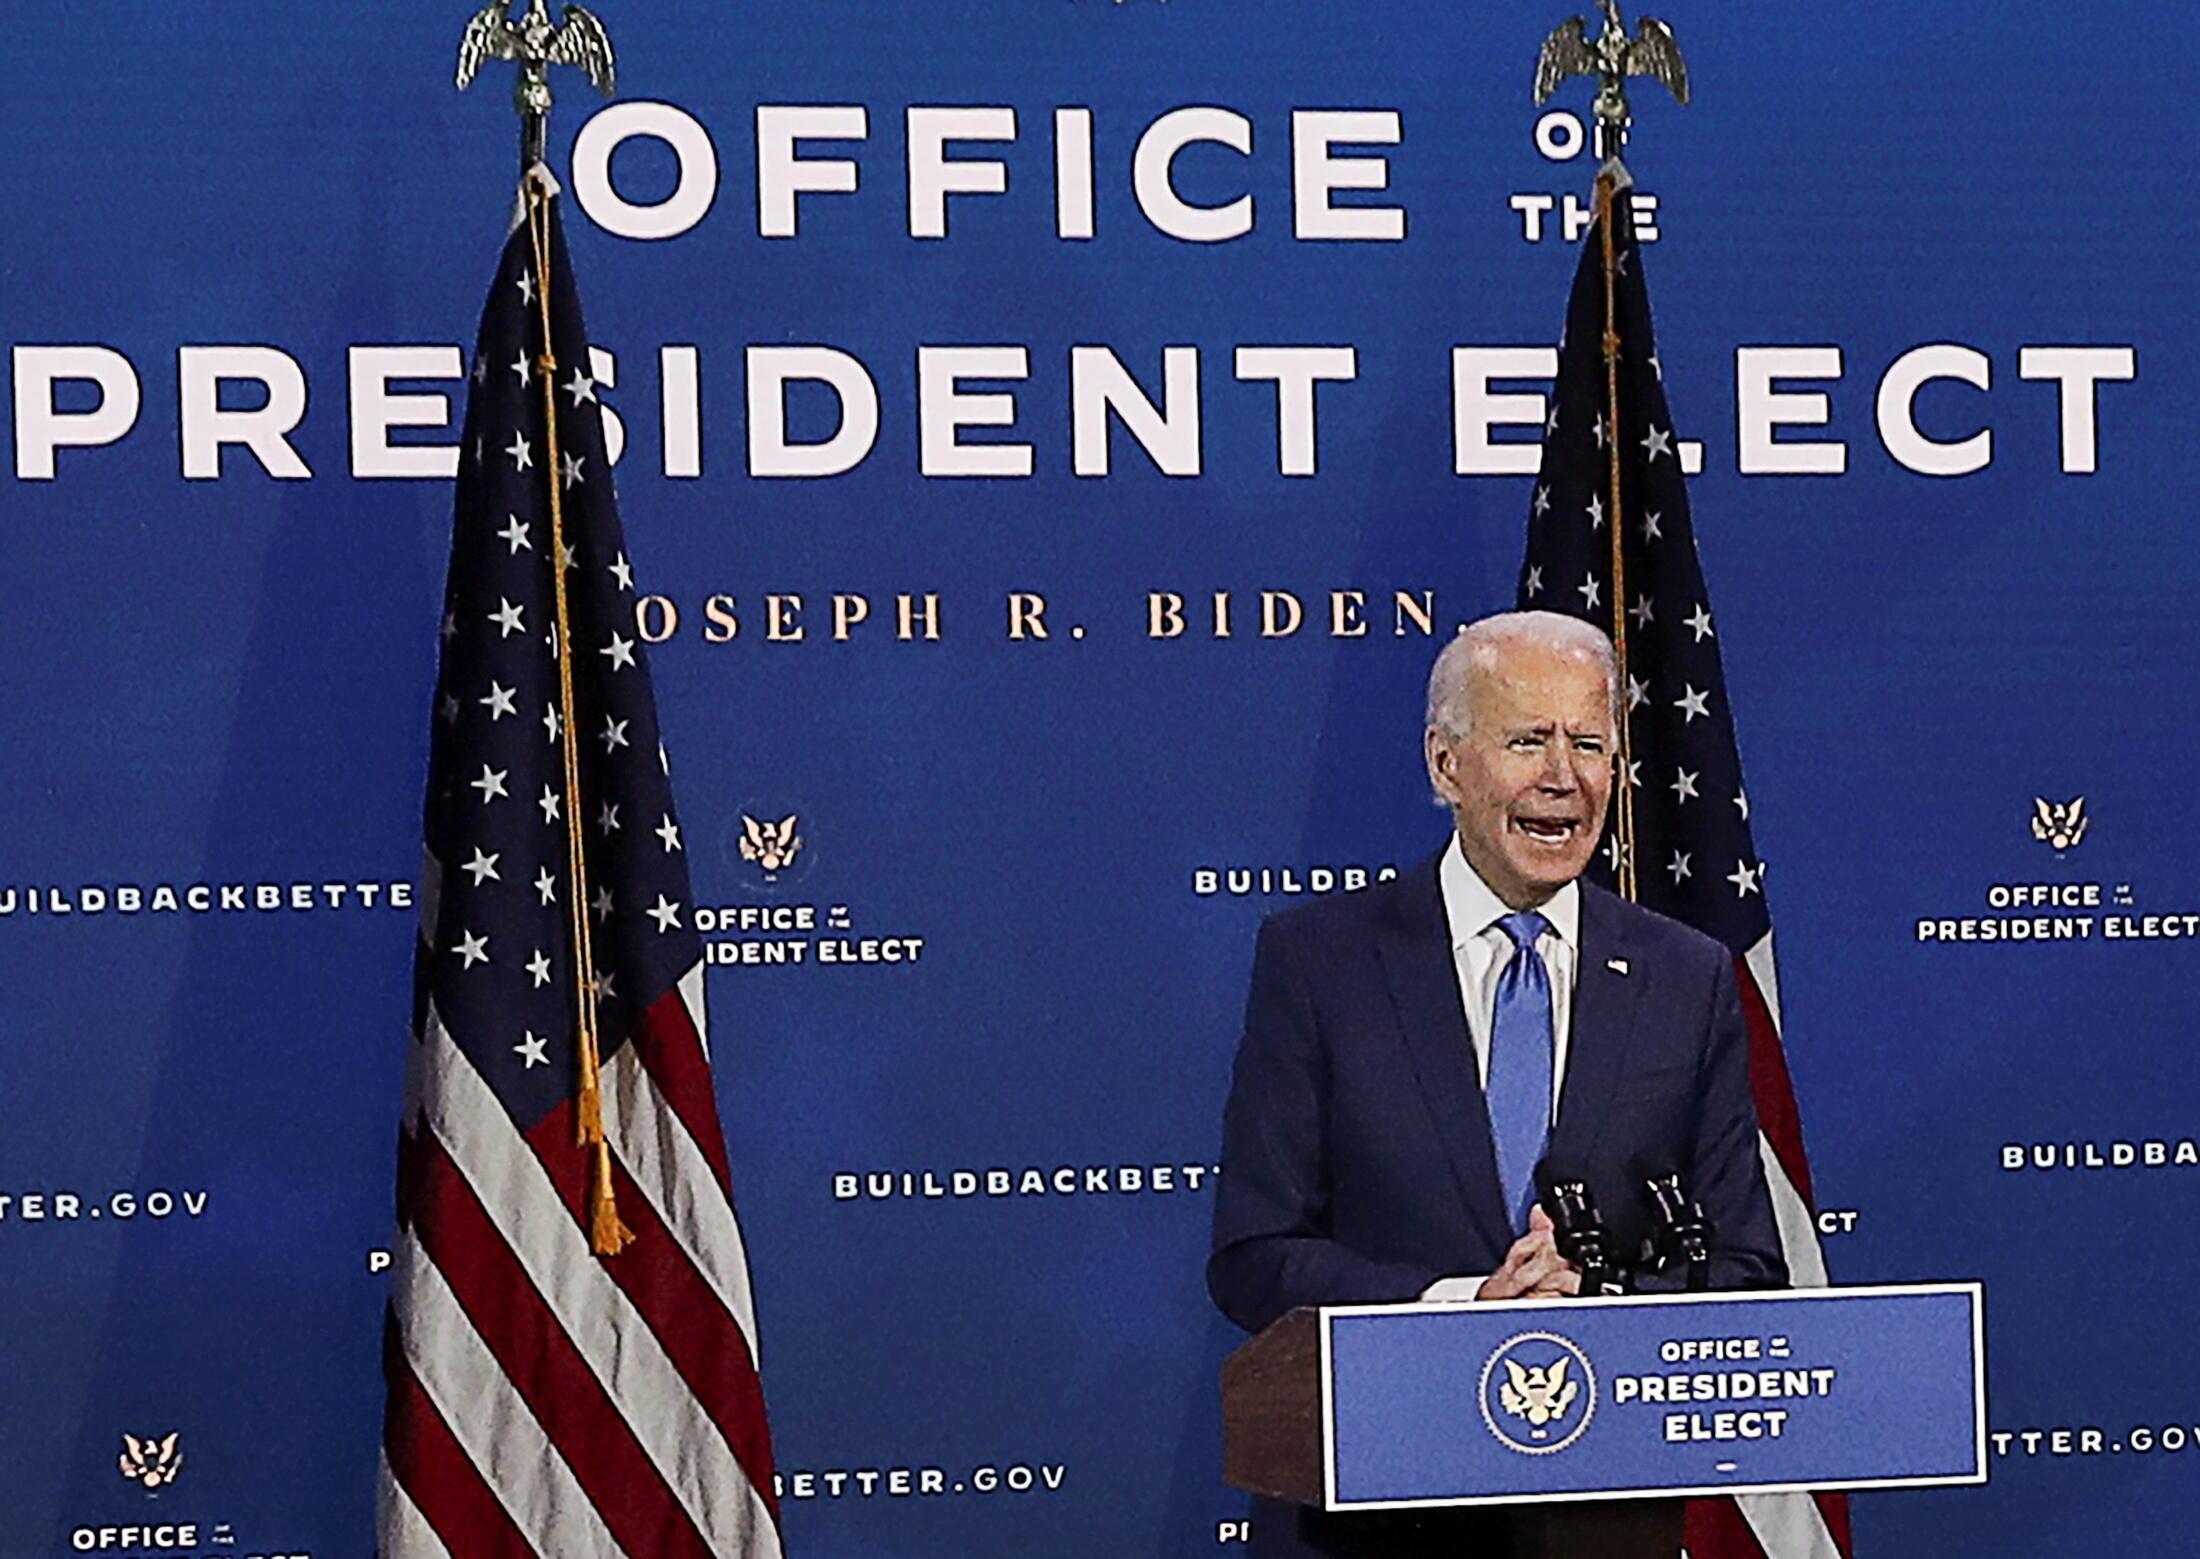 États-Unis - Joe Biden - président élu